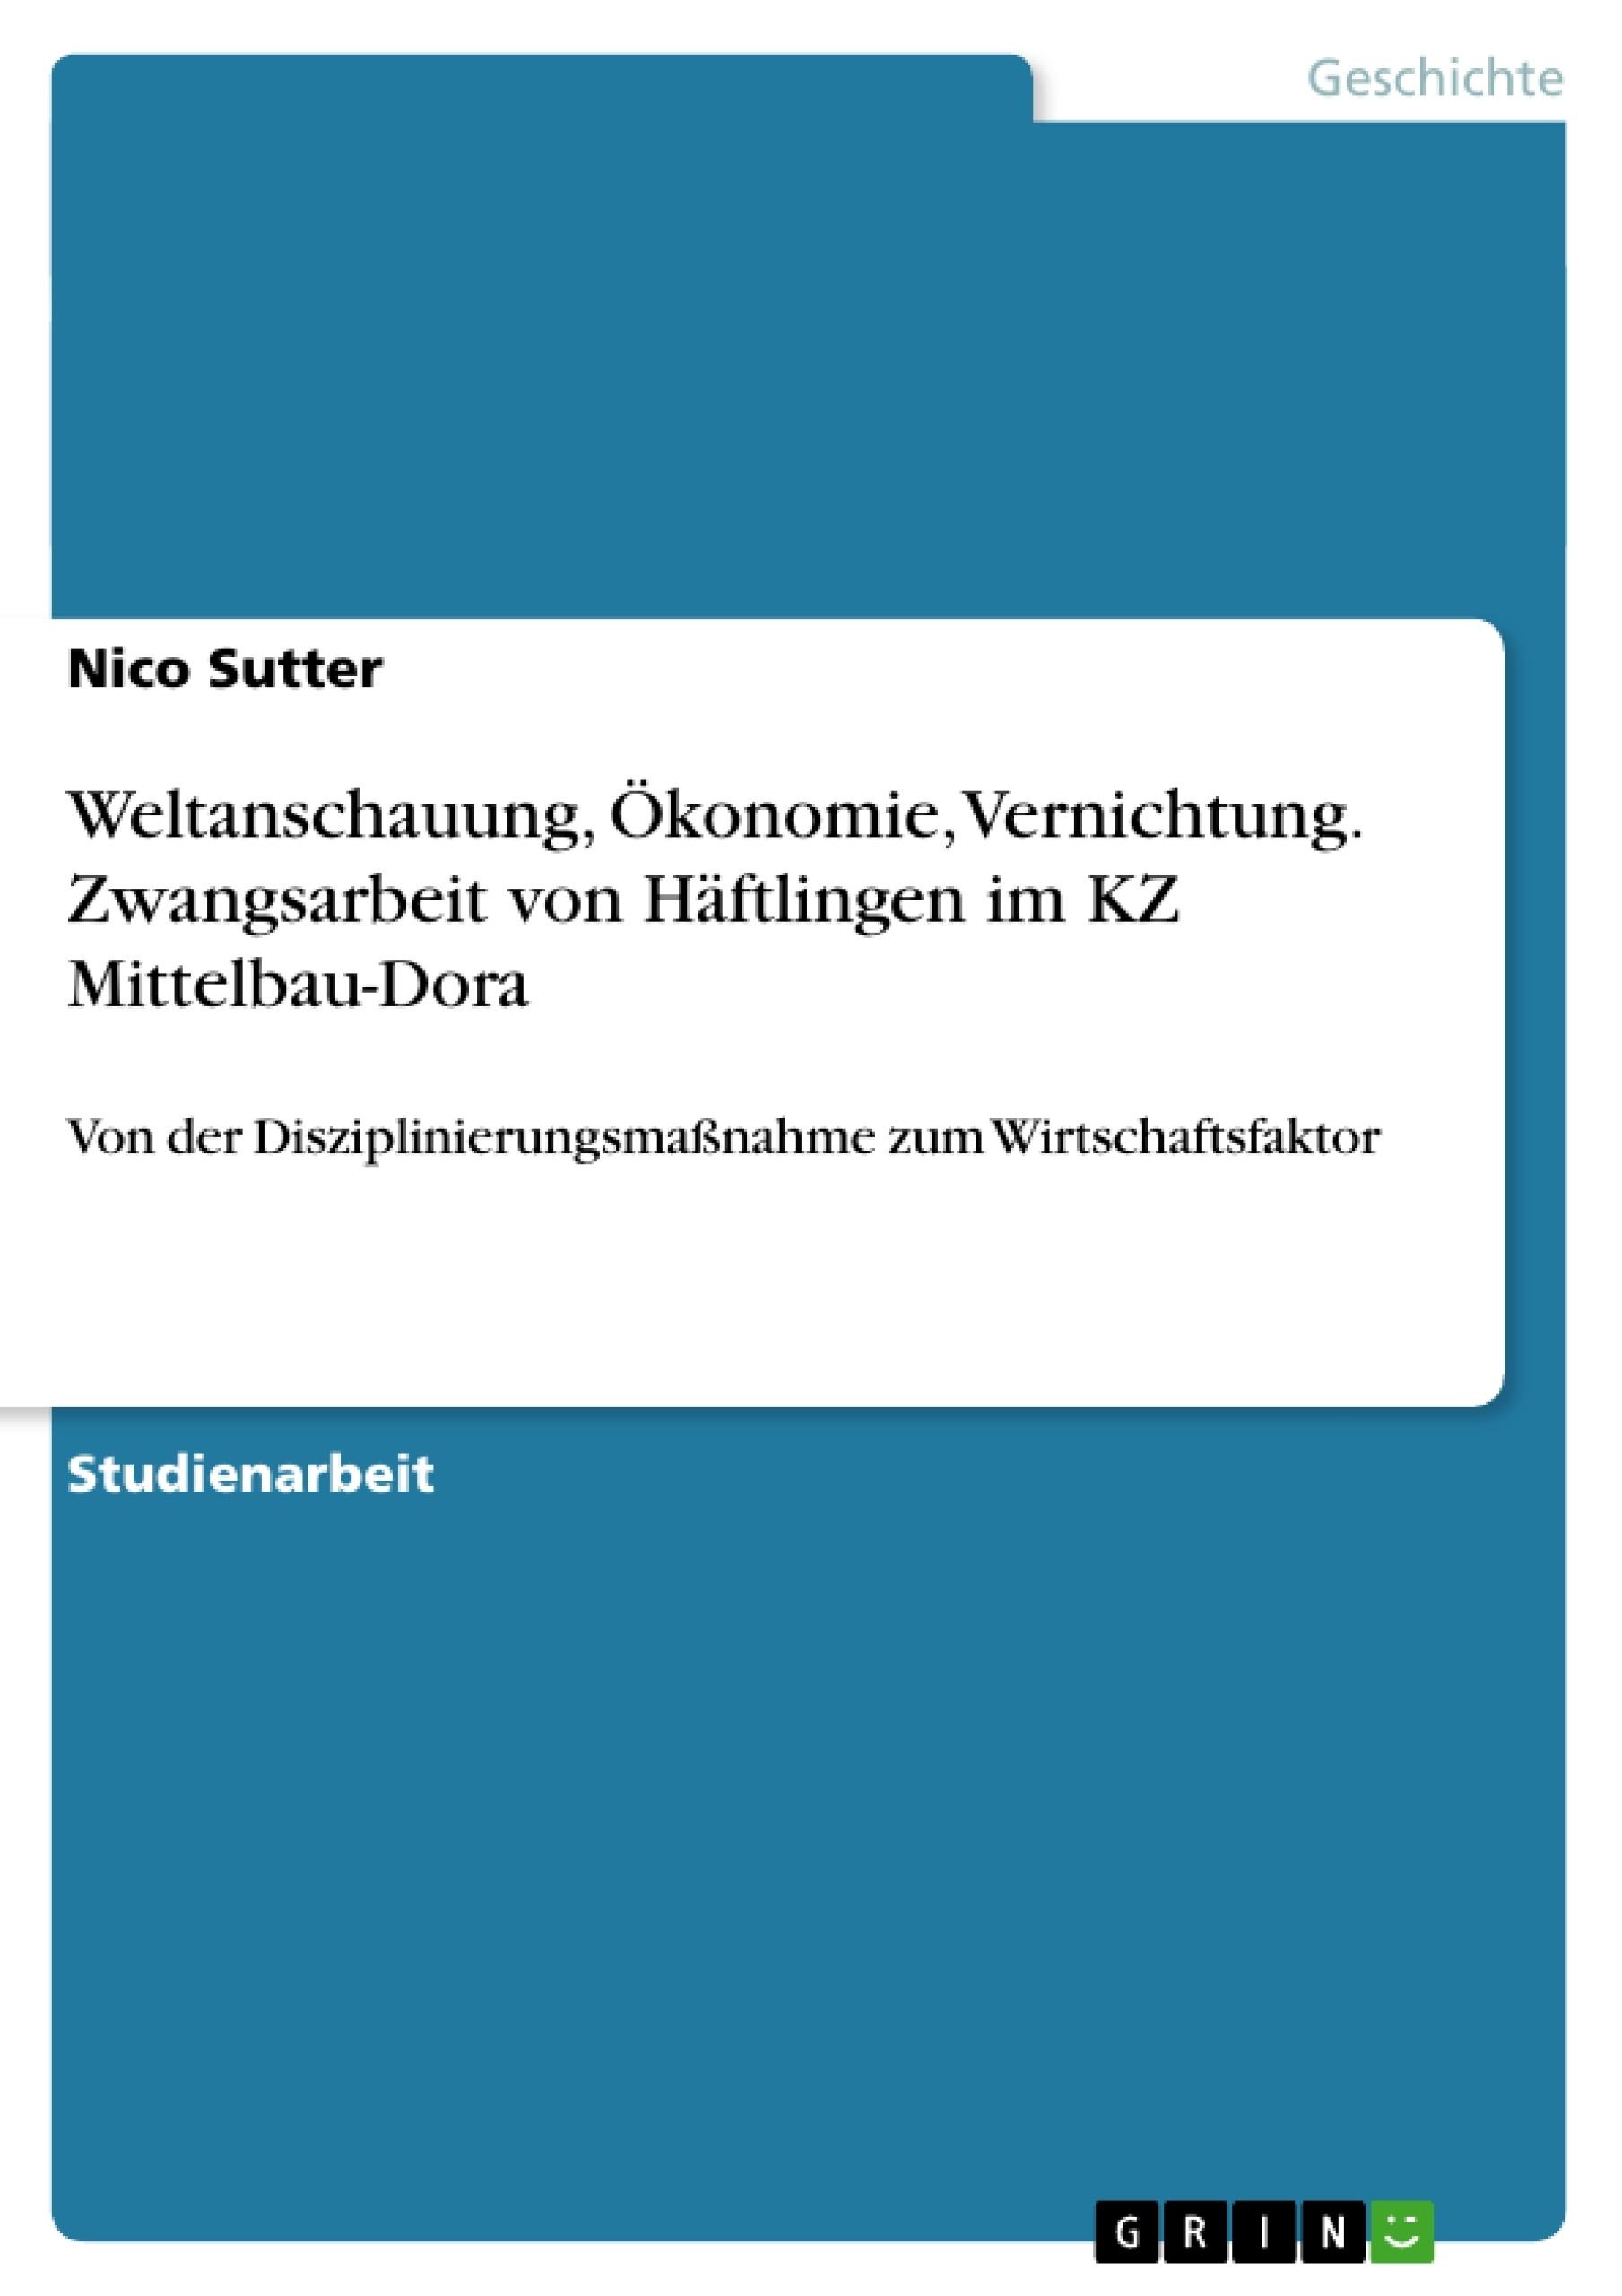 Titel: Weltanschauung, Ökonomie, Vernichtung.  Zwangsarbeit von Häftlingen im KZ Mittelbau-Dora